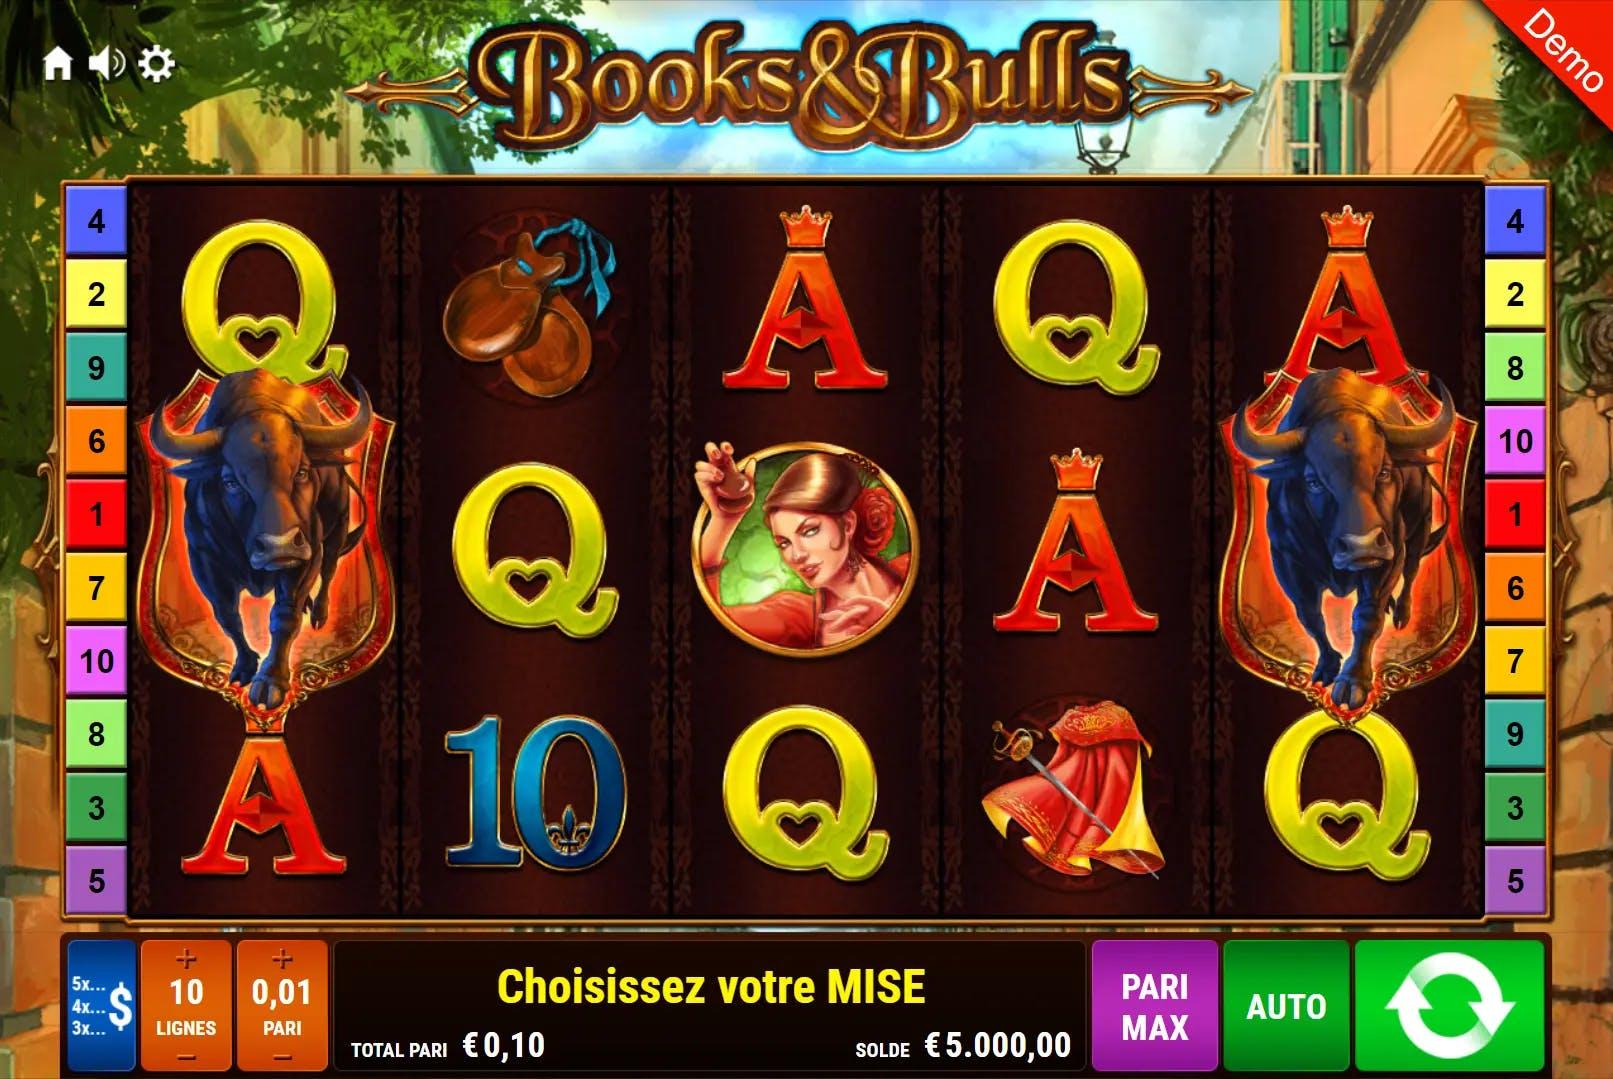 aperçu de la slot books and bulls de gamomat